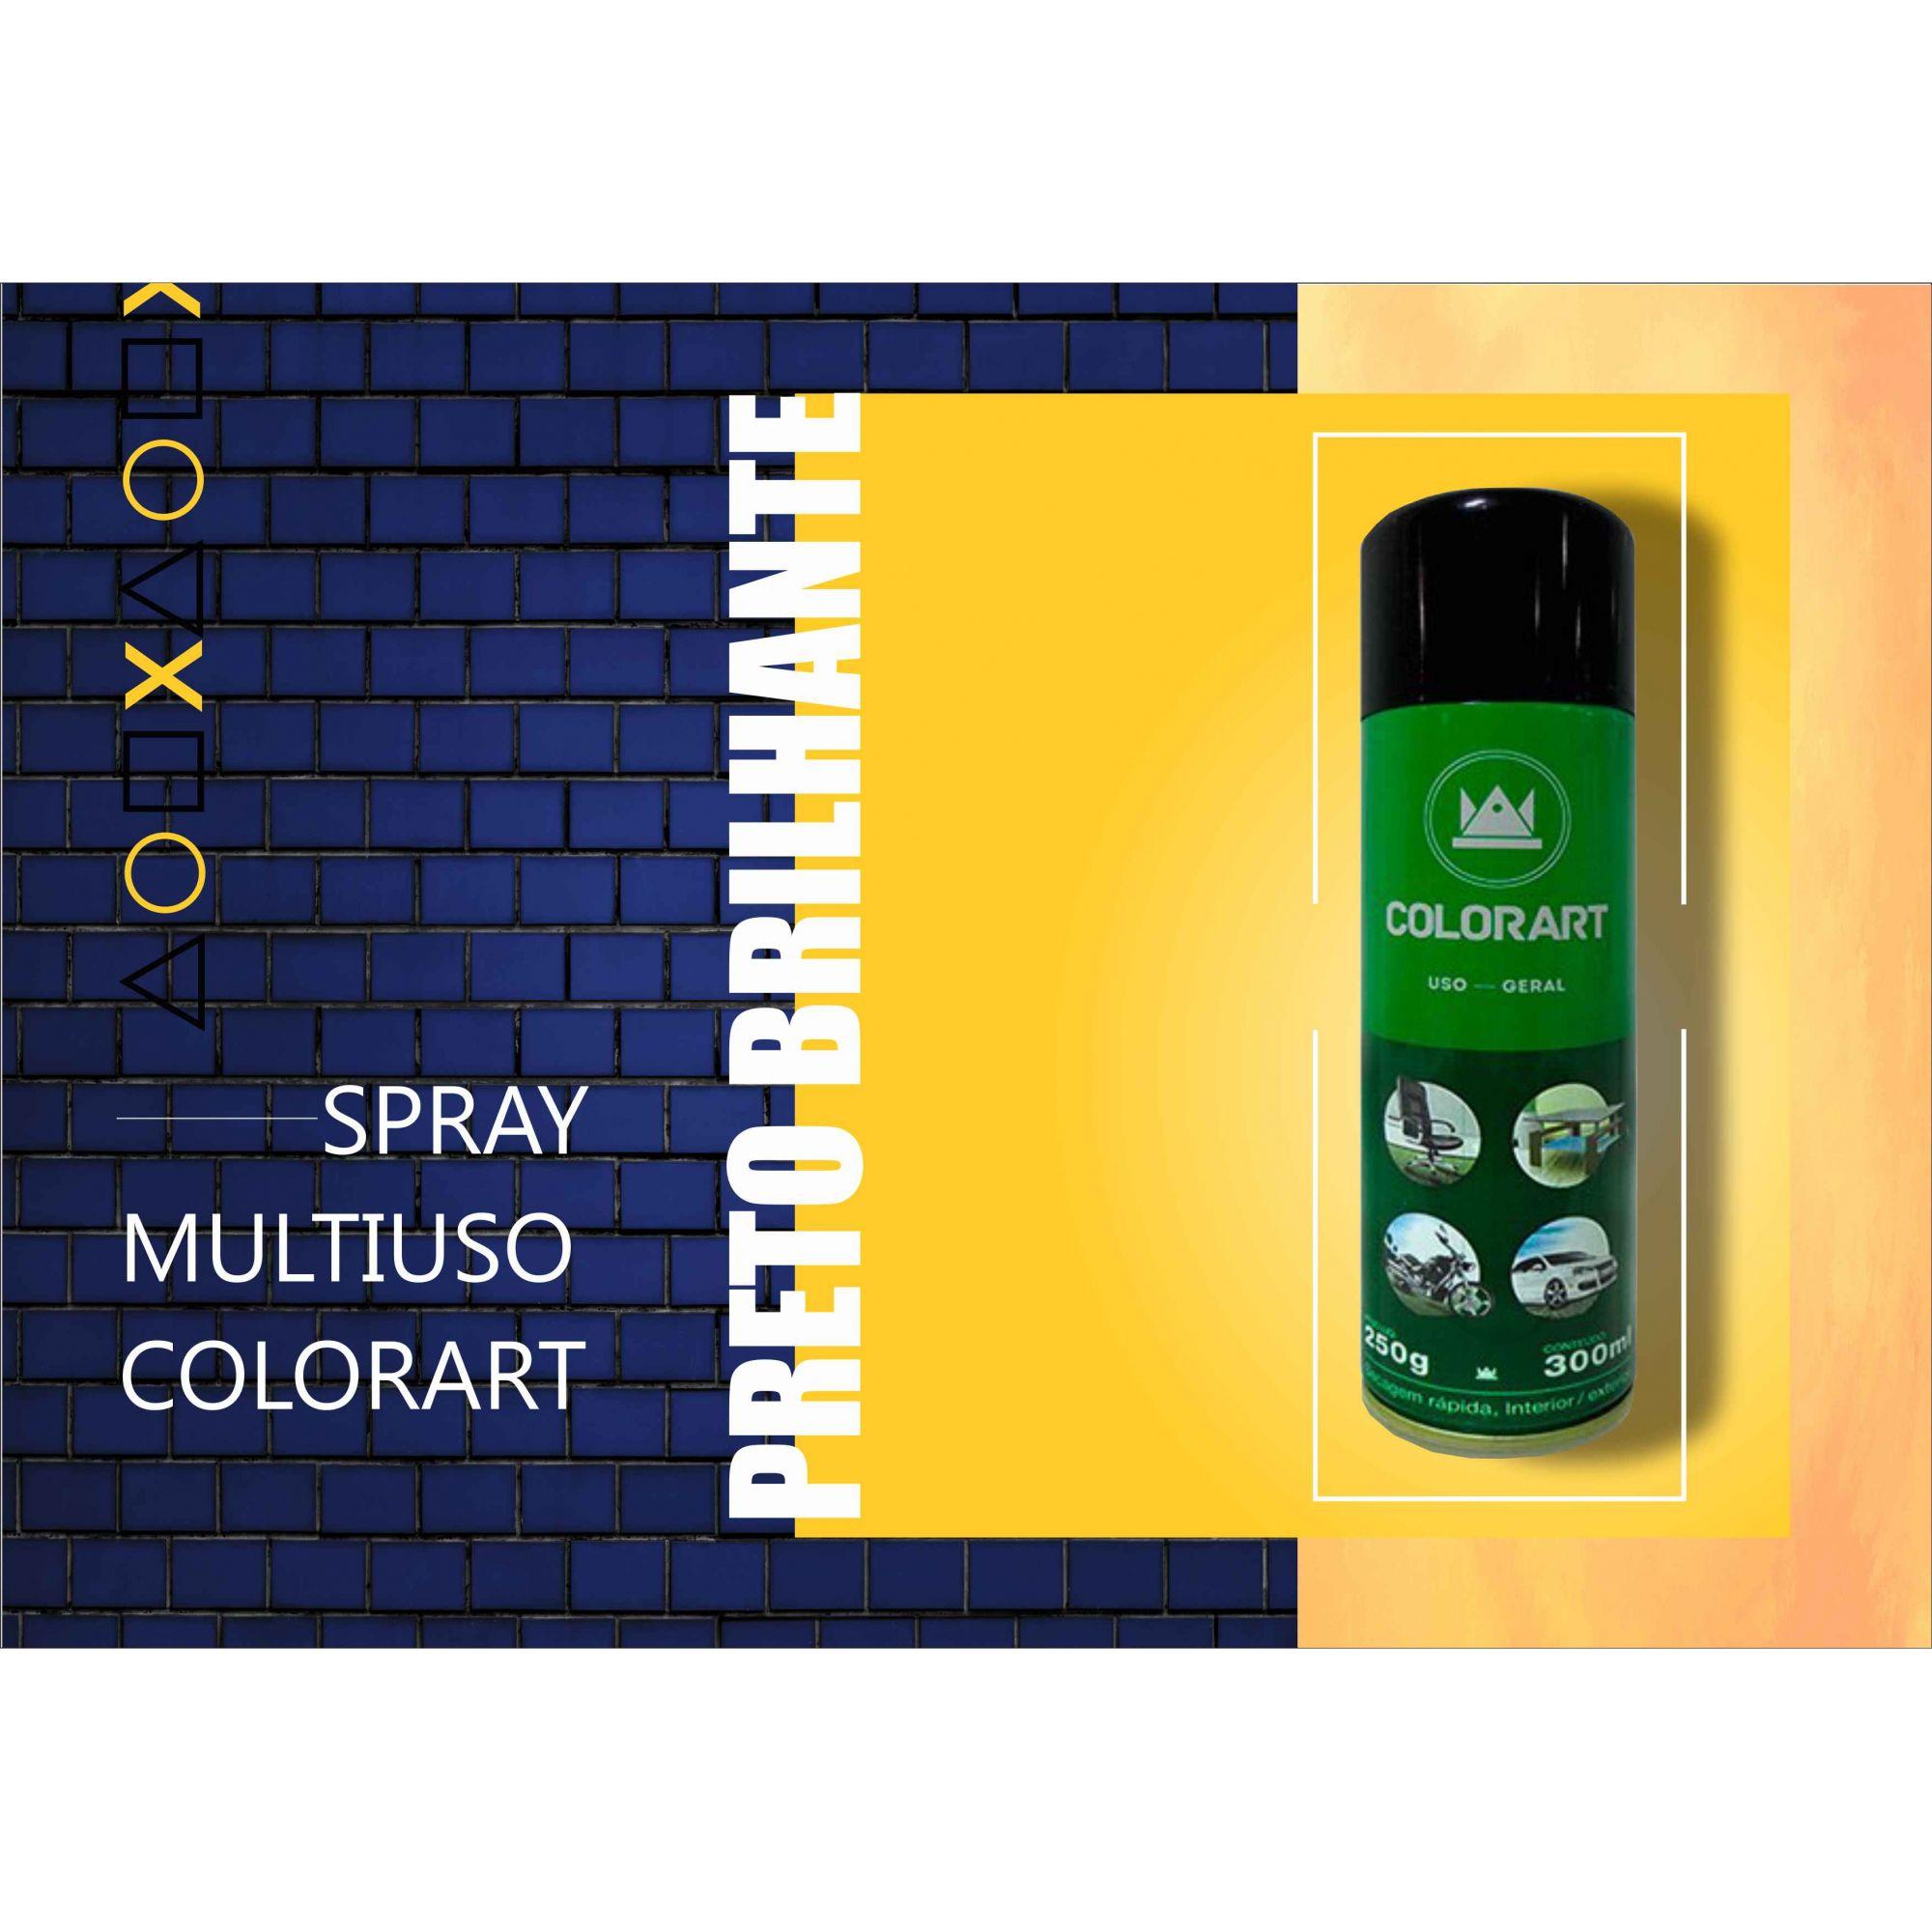 Tinta Spray Uso Geral Colorart Preto Brilhante  - Rea Comércio - Sua Loja Completa!